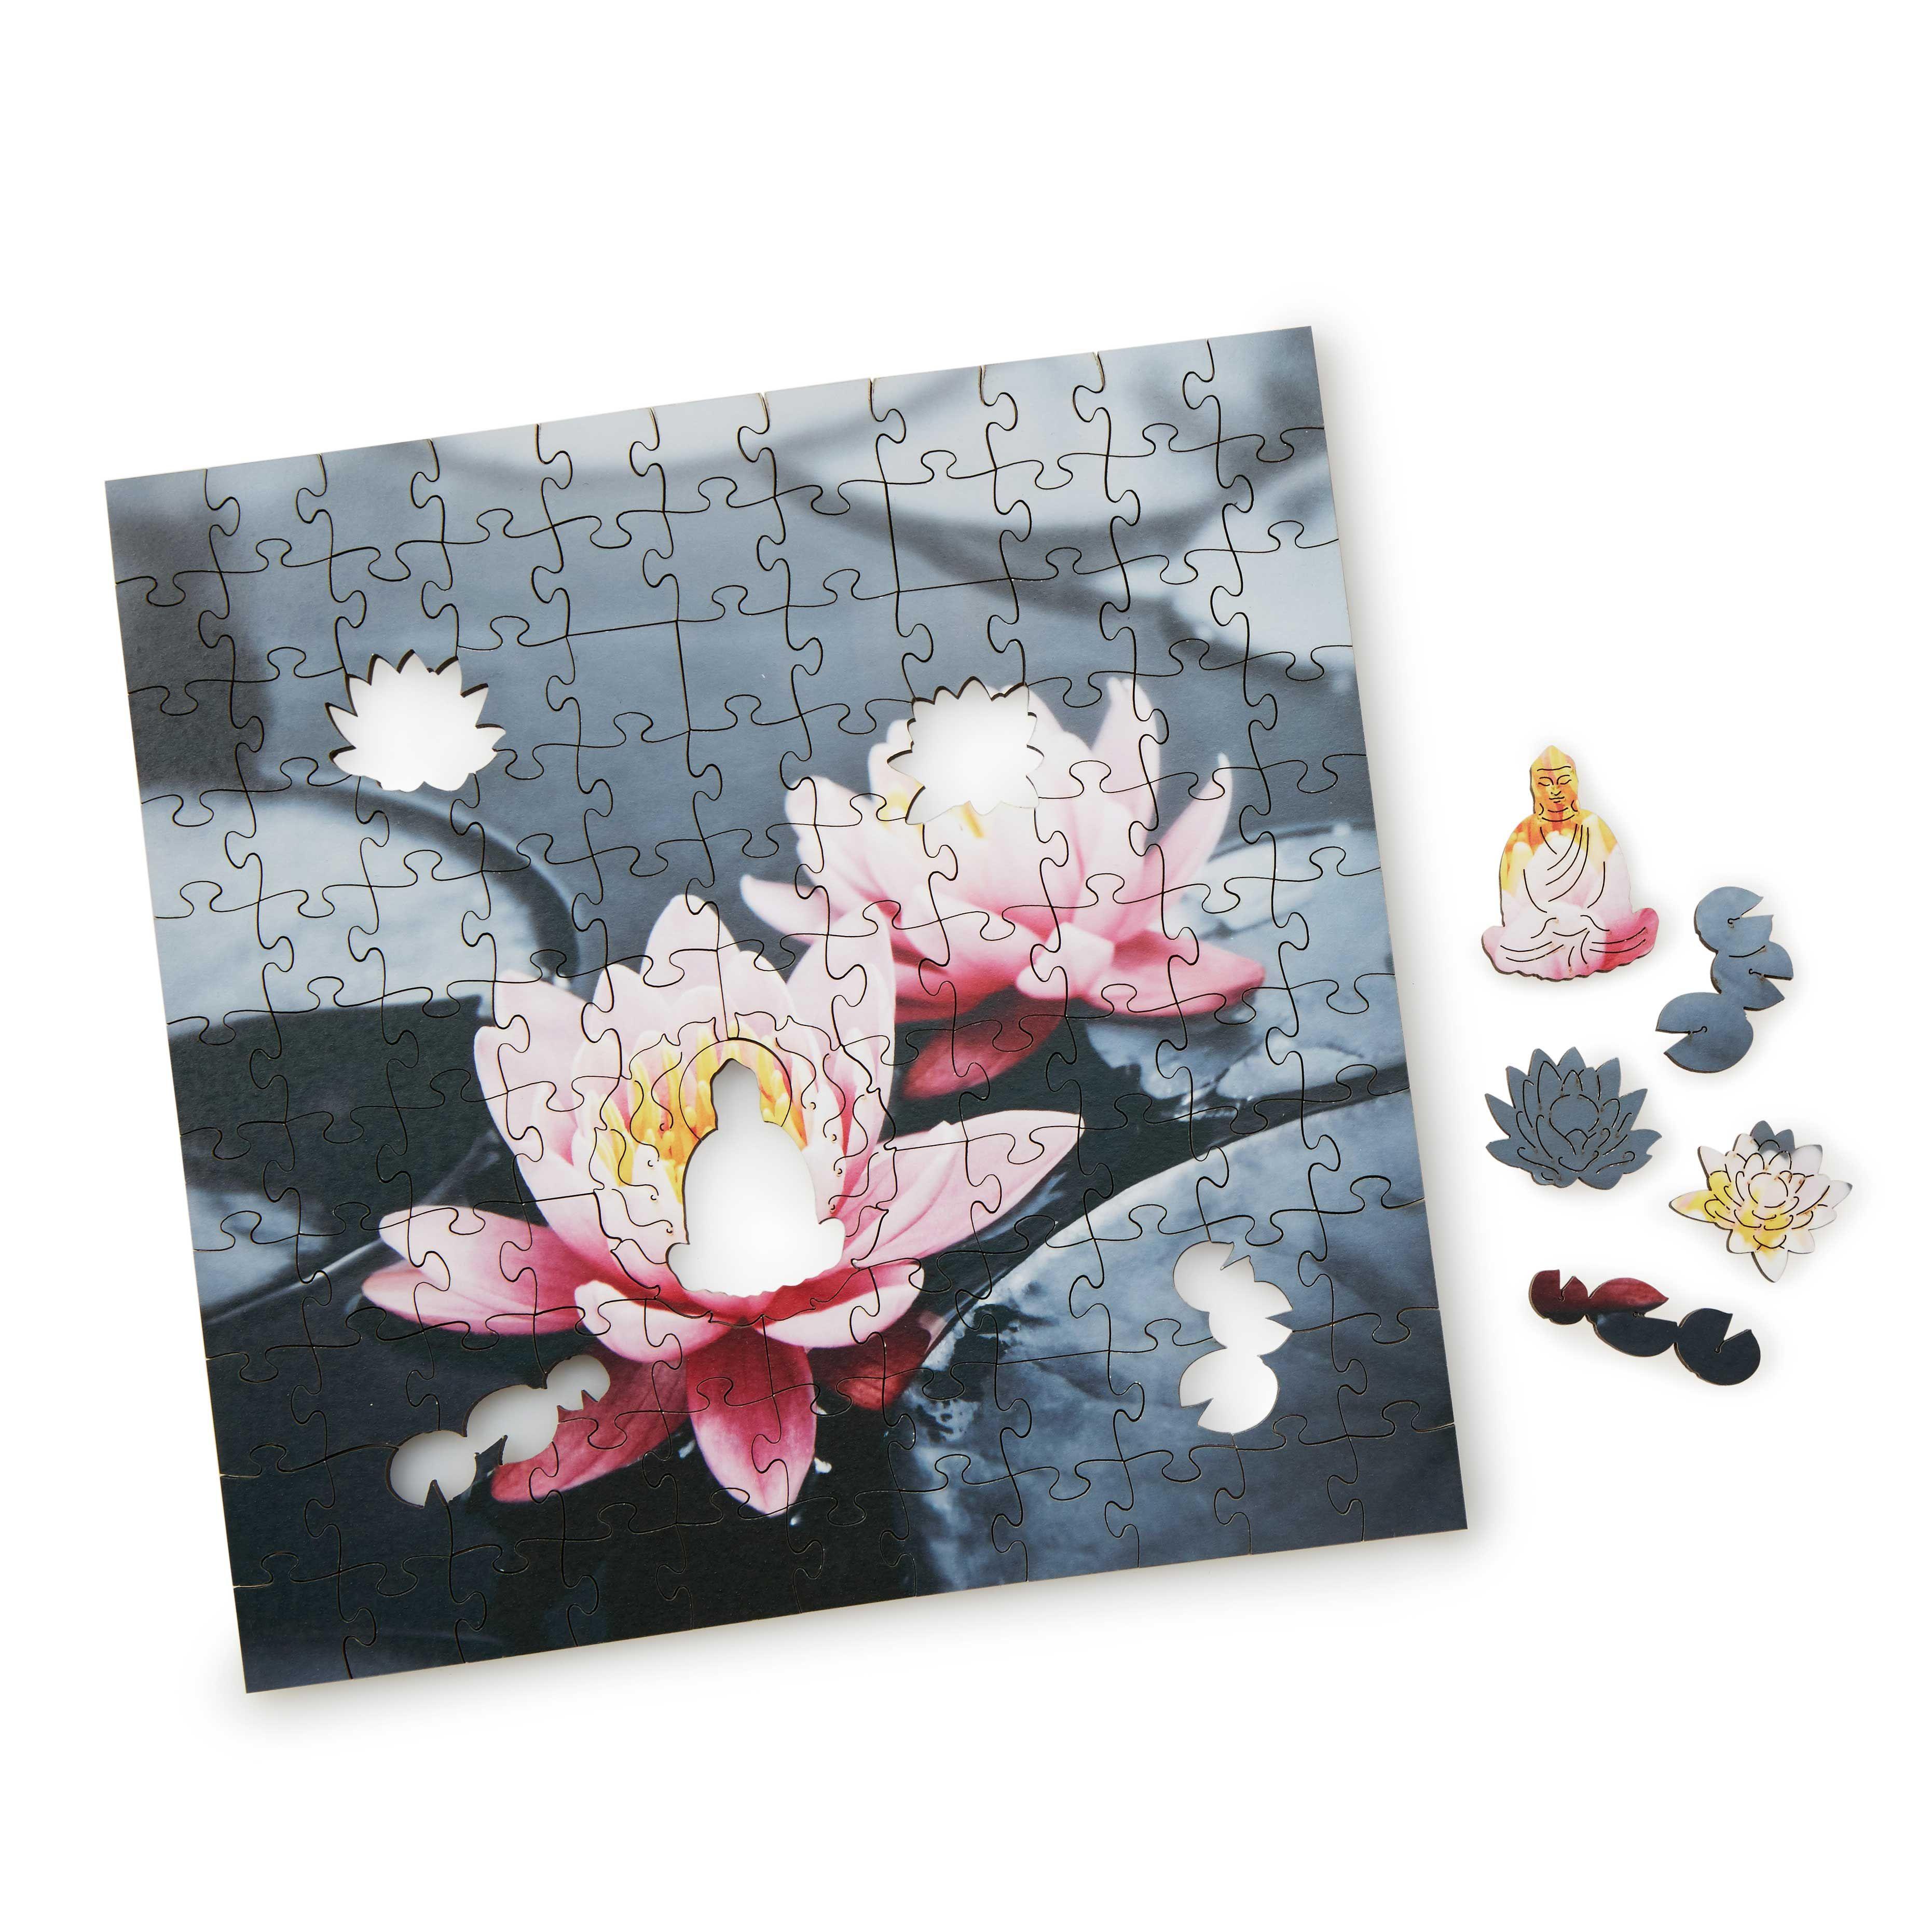 Zen Lotus Wooden Heirloom Puzzle handmade puzzle, wood